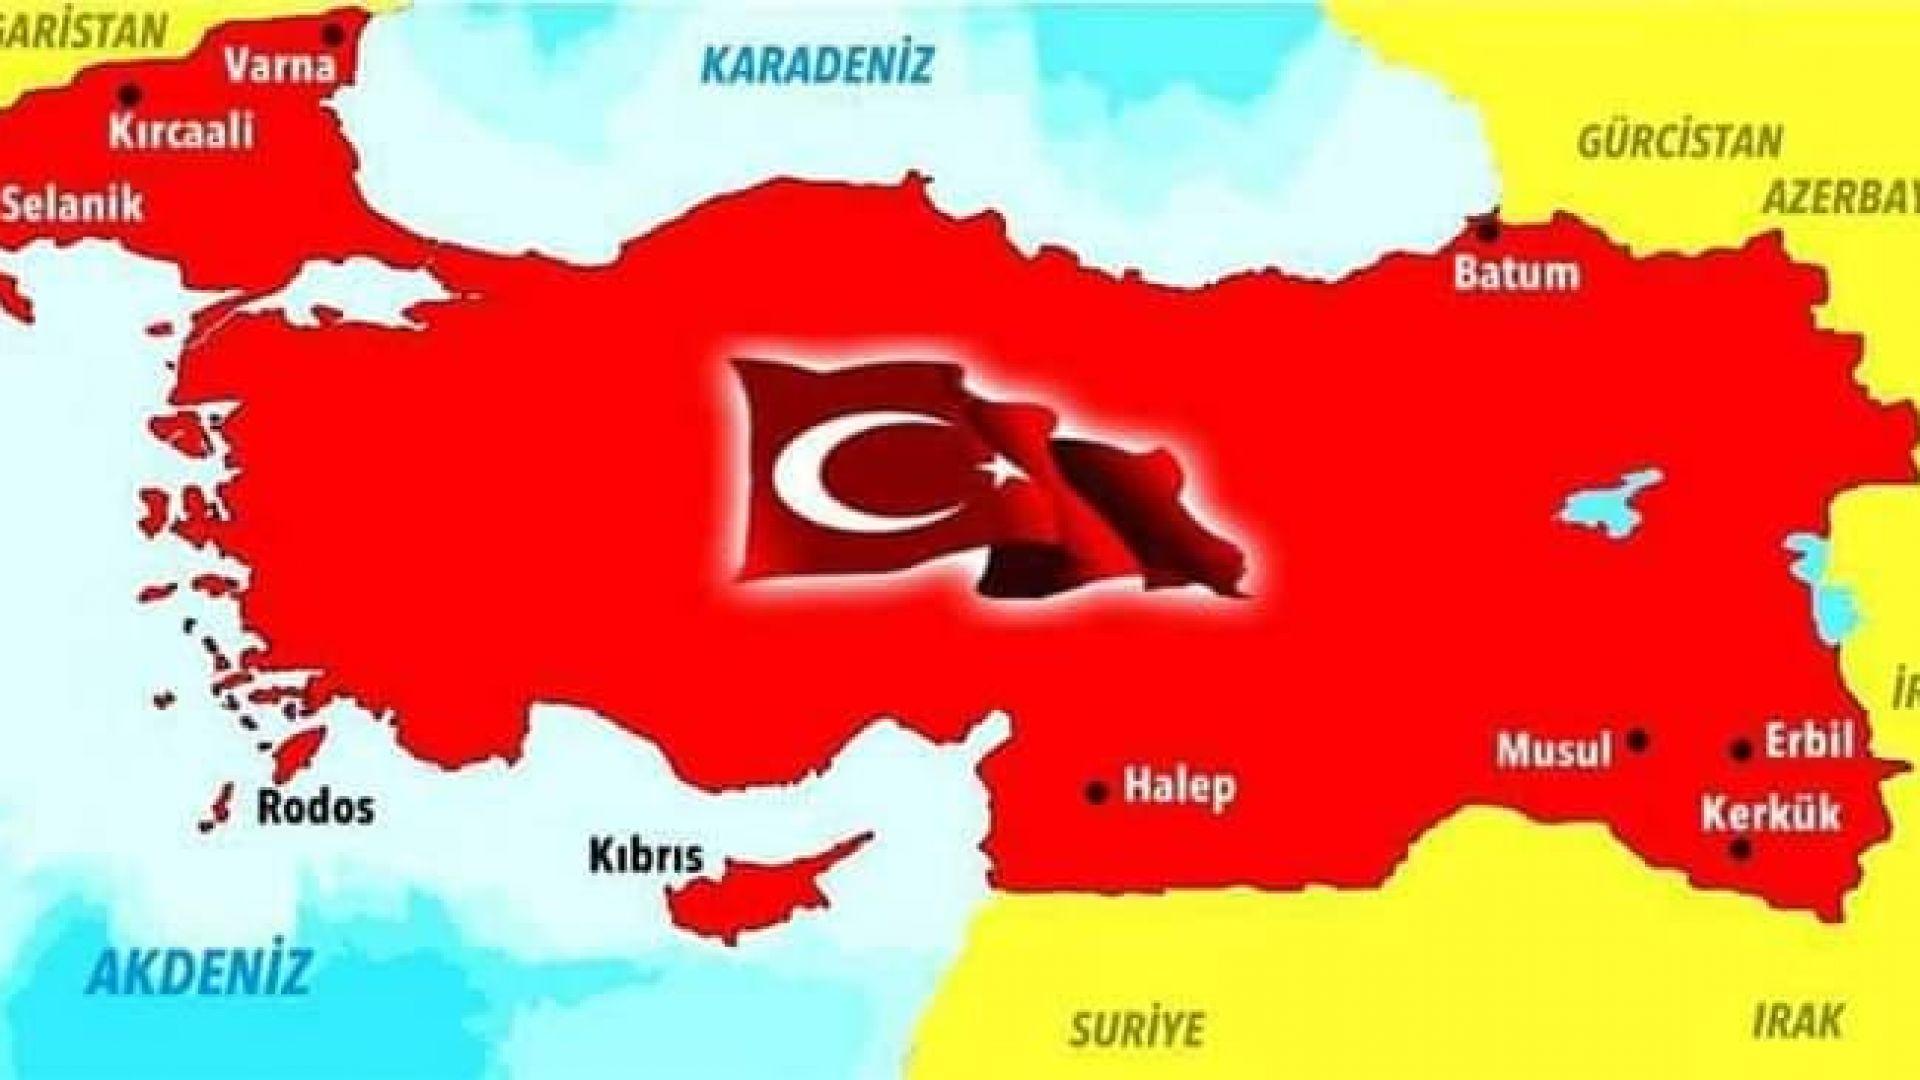 Карта на Република Турция, обхващаща територии и от България, е